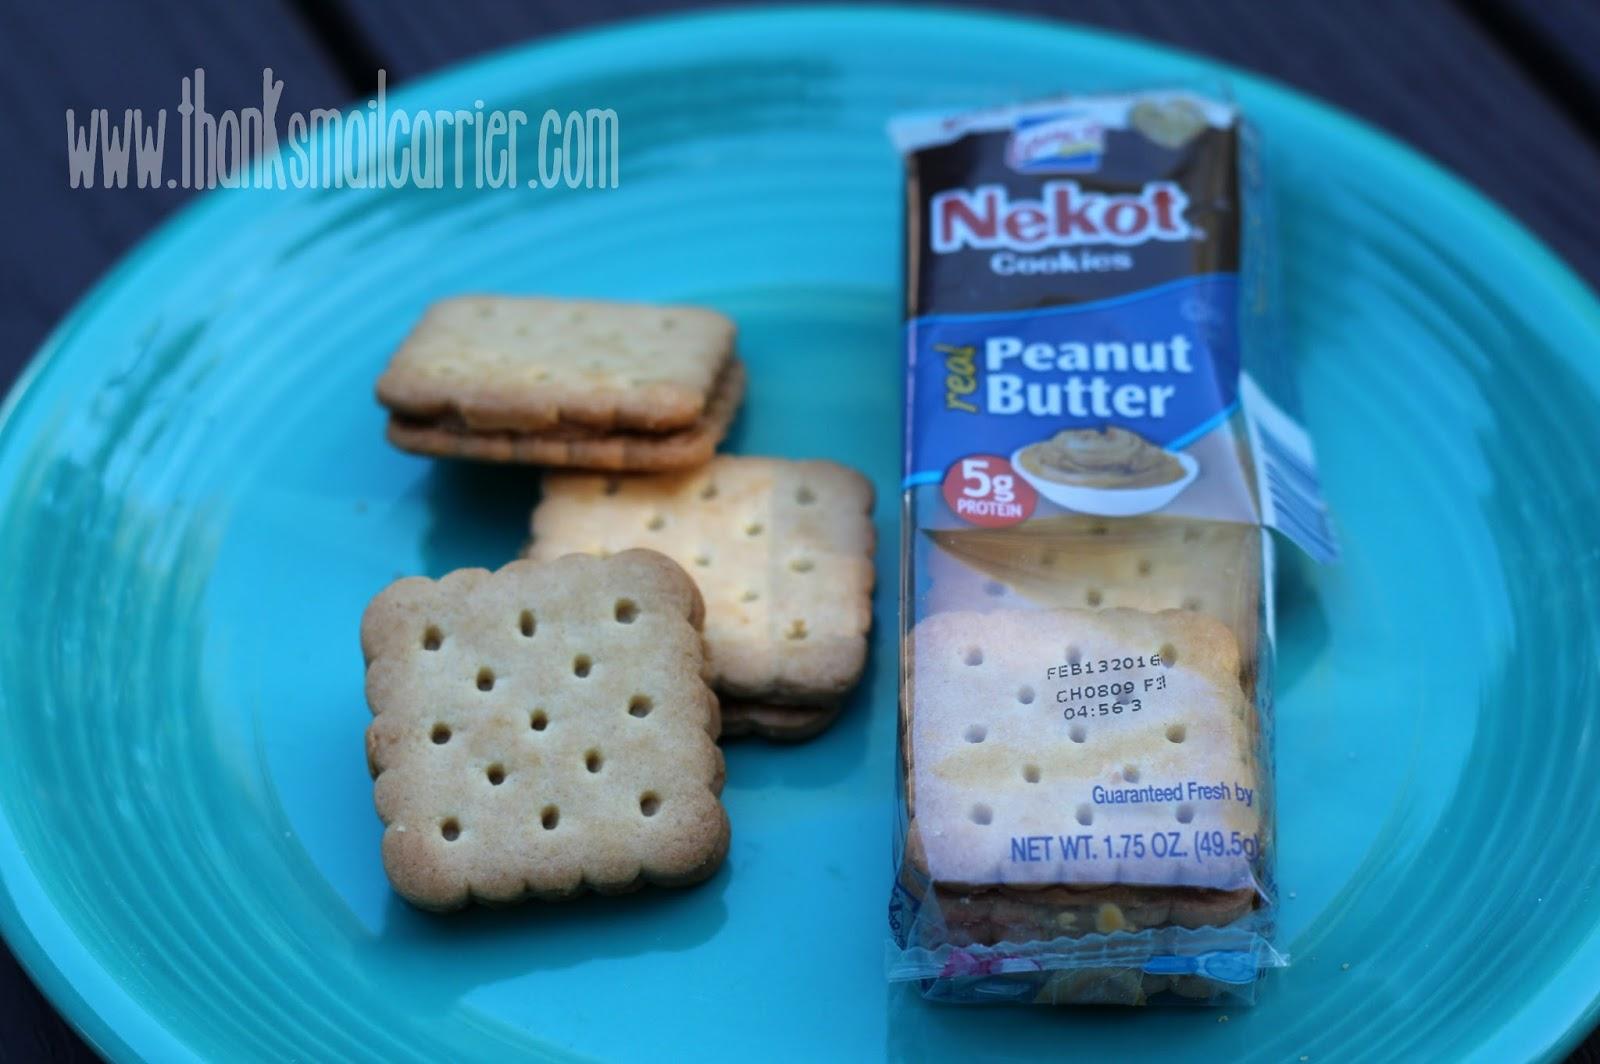 Lance Peanut Butter Nekot